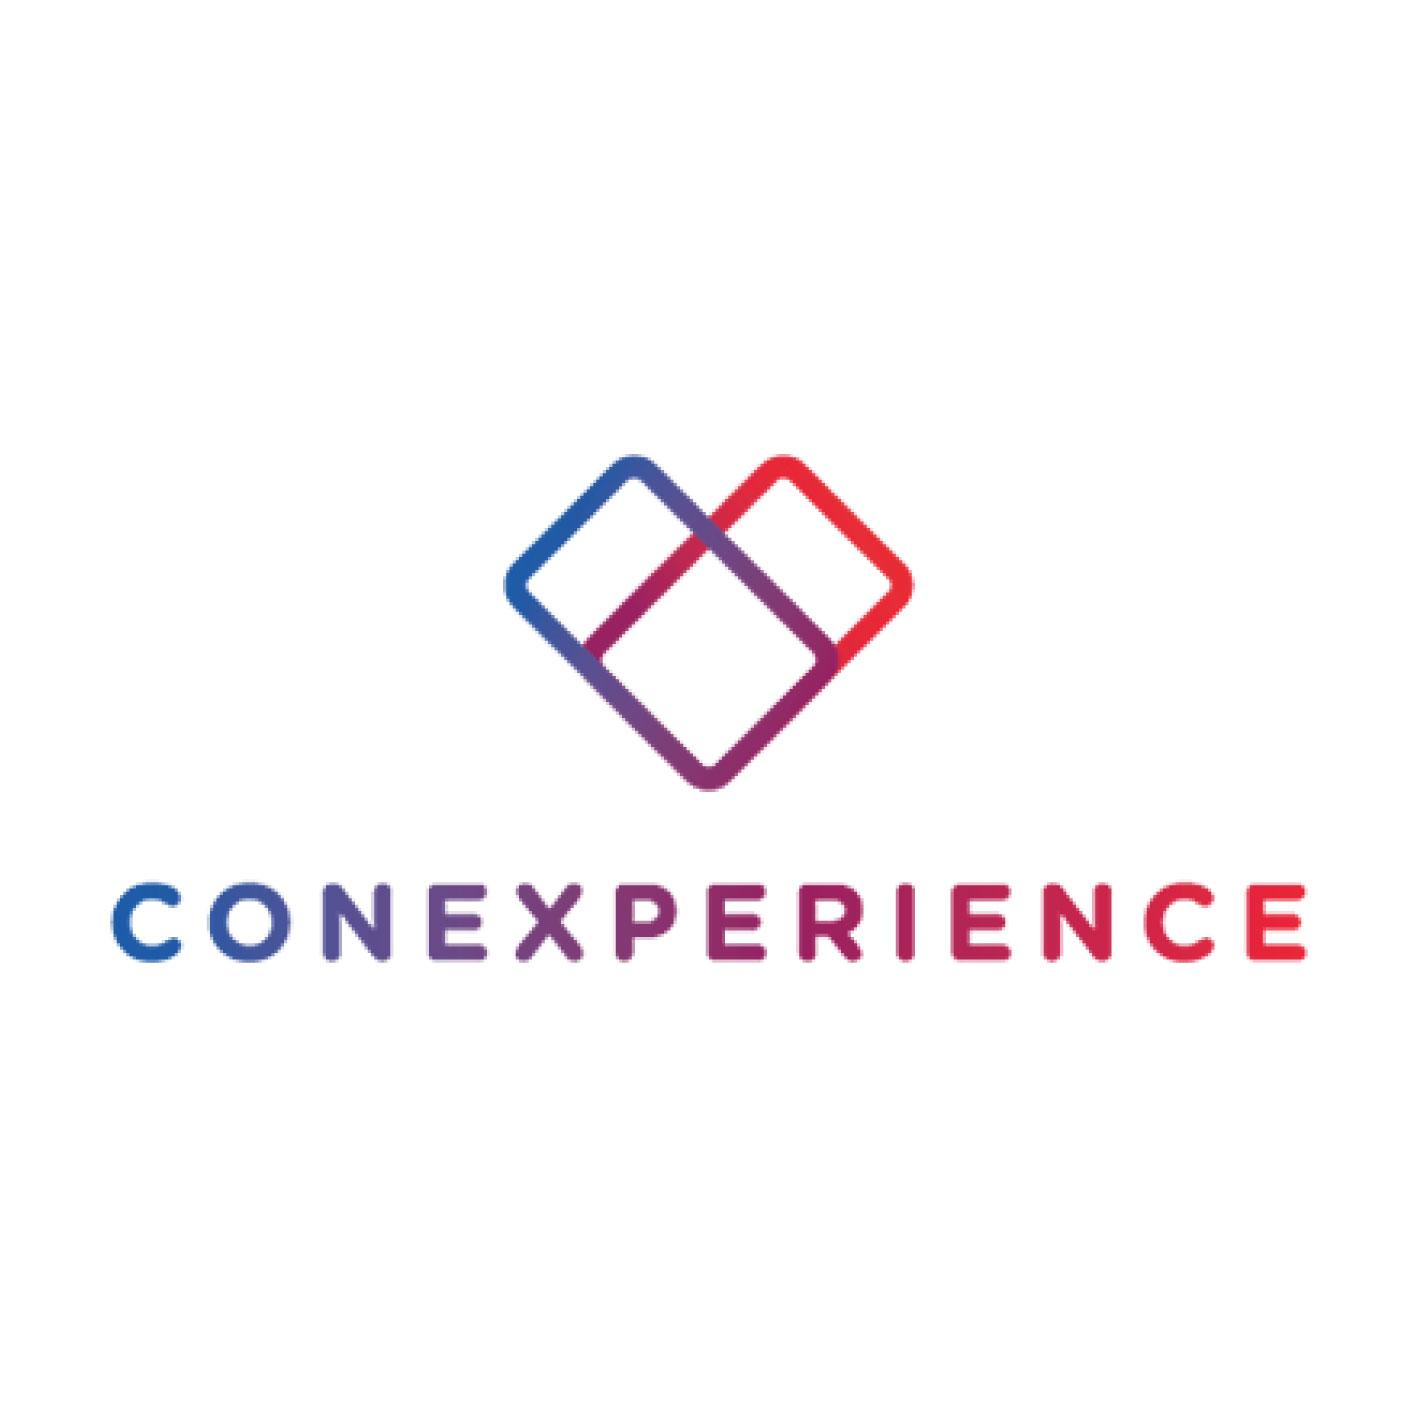 Conexperience